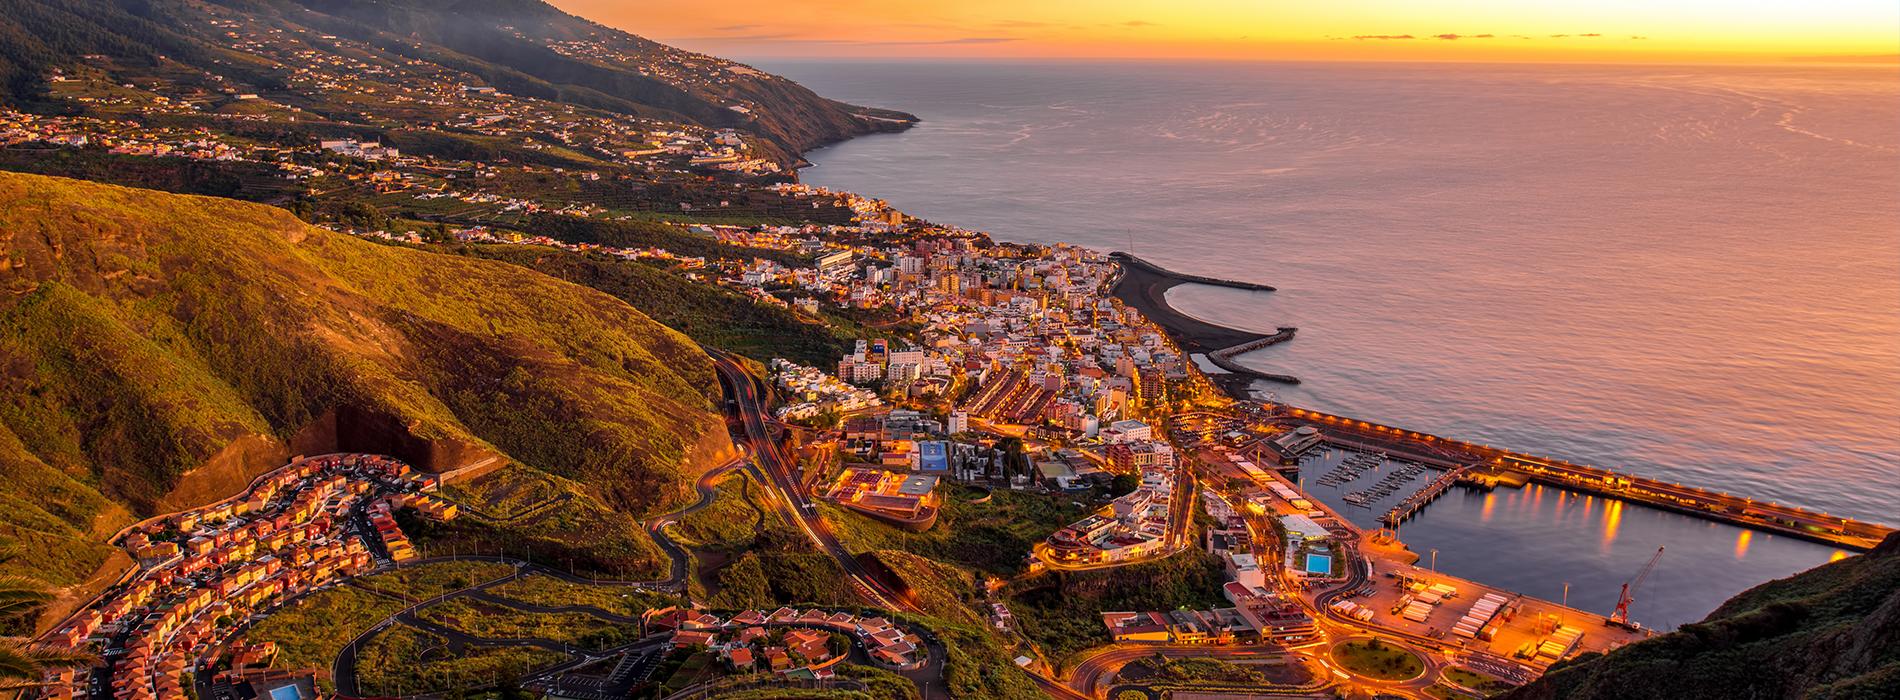 Авиабилеты Сочи — Пальма-де-Майорка, купить билеты на самолет туда и обратно